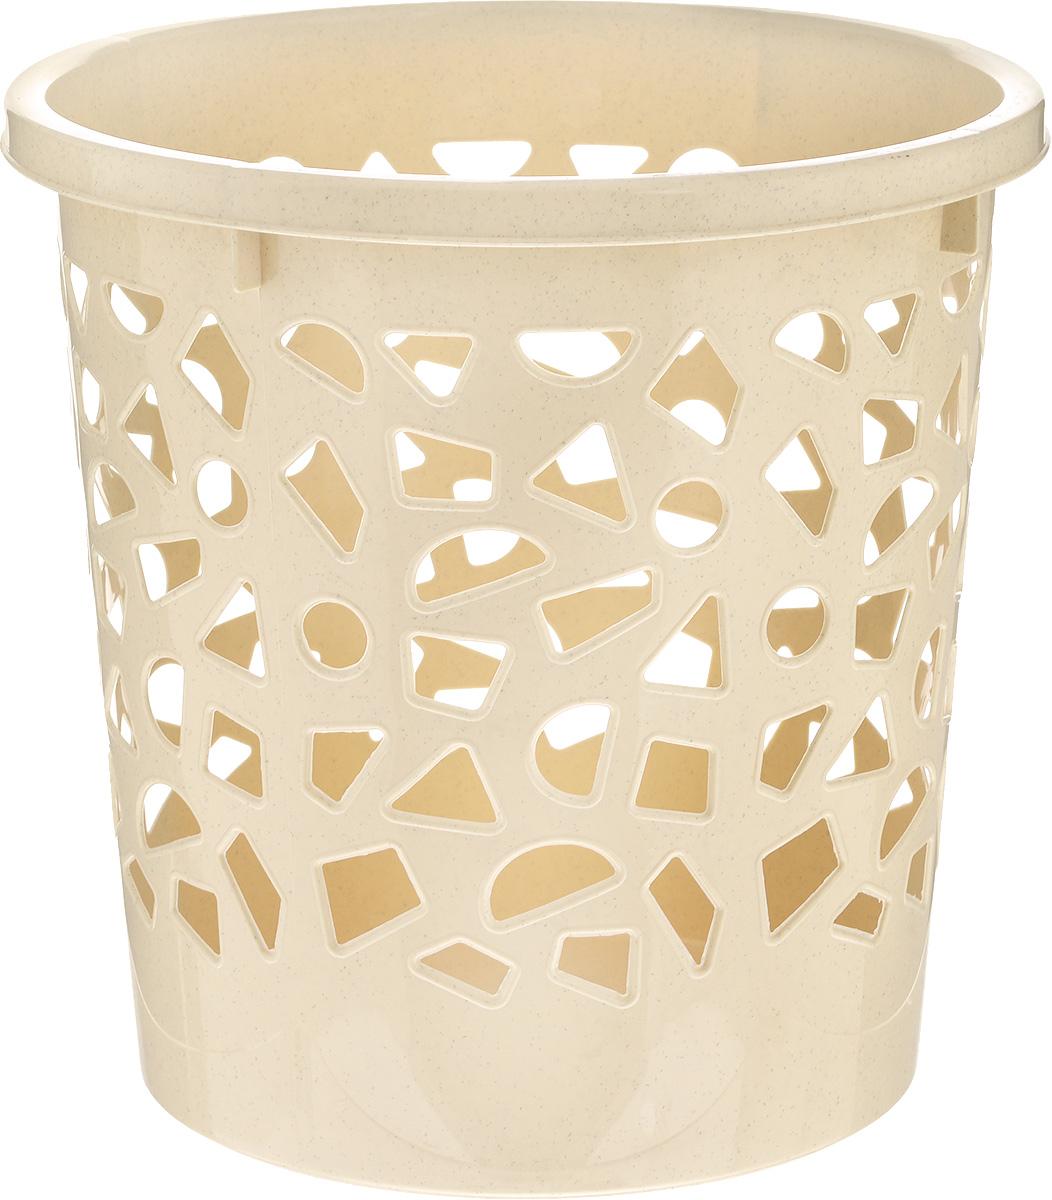 Корзина для мусора Бытпласт, цвет: бежевый, высота 26 смRG-D31SКорзина для мусора Бытпласт, изготовлена из высококачественного пластика. Вы можете использовать ее для выбрасывания разных пищевых и не пищевых отходов. Корзина имеет отверстия на стенках и сплошное дно. Корзина для мусора поможет содержать ваше рабочее место в порядке.Диаметр (по верхнему краю): 26 см.Высота: 26 см.